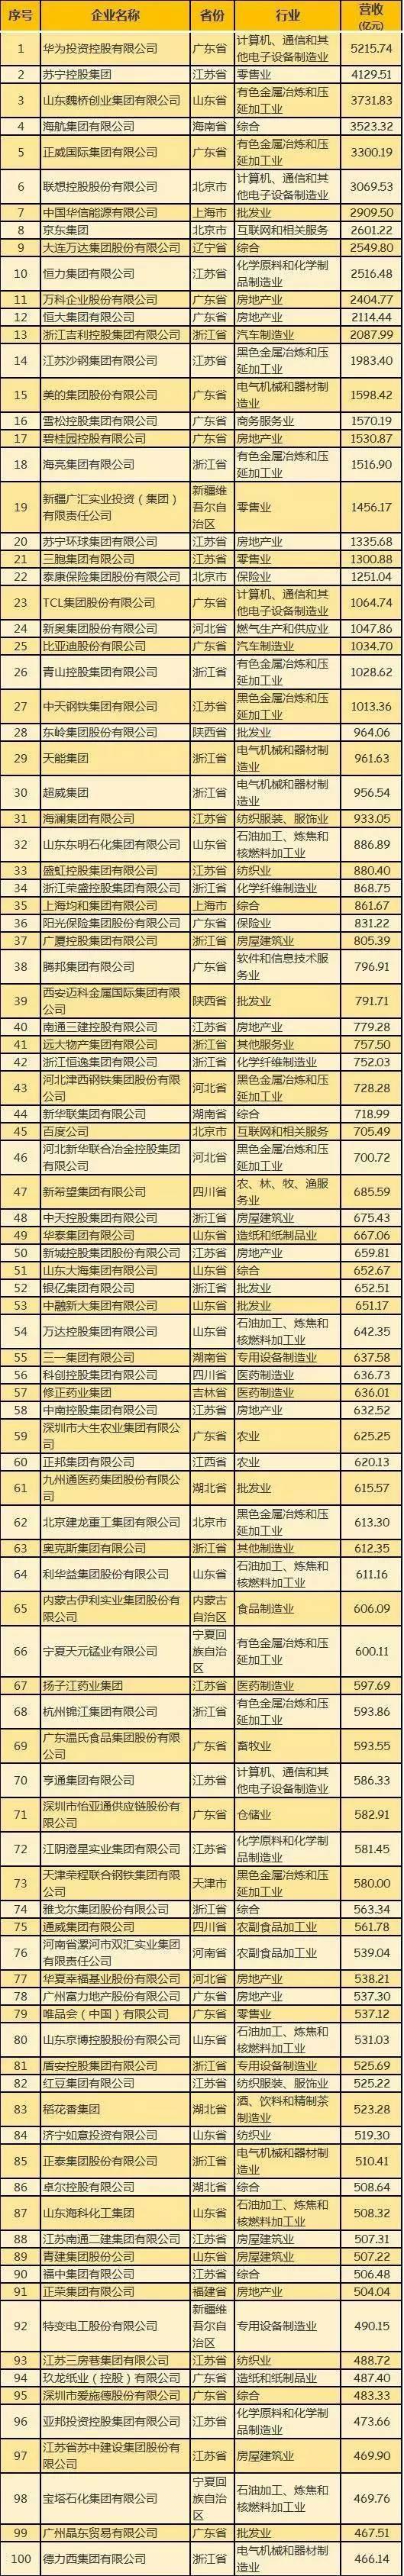 民企500强有华为京东 为何没有阿里腾讯?被算外企